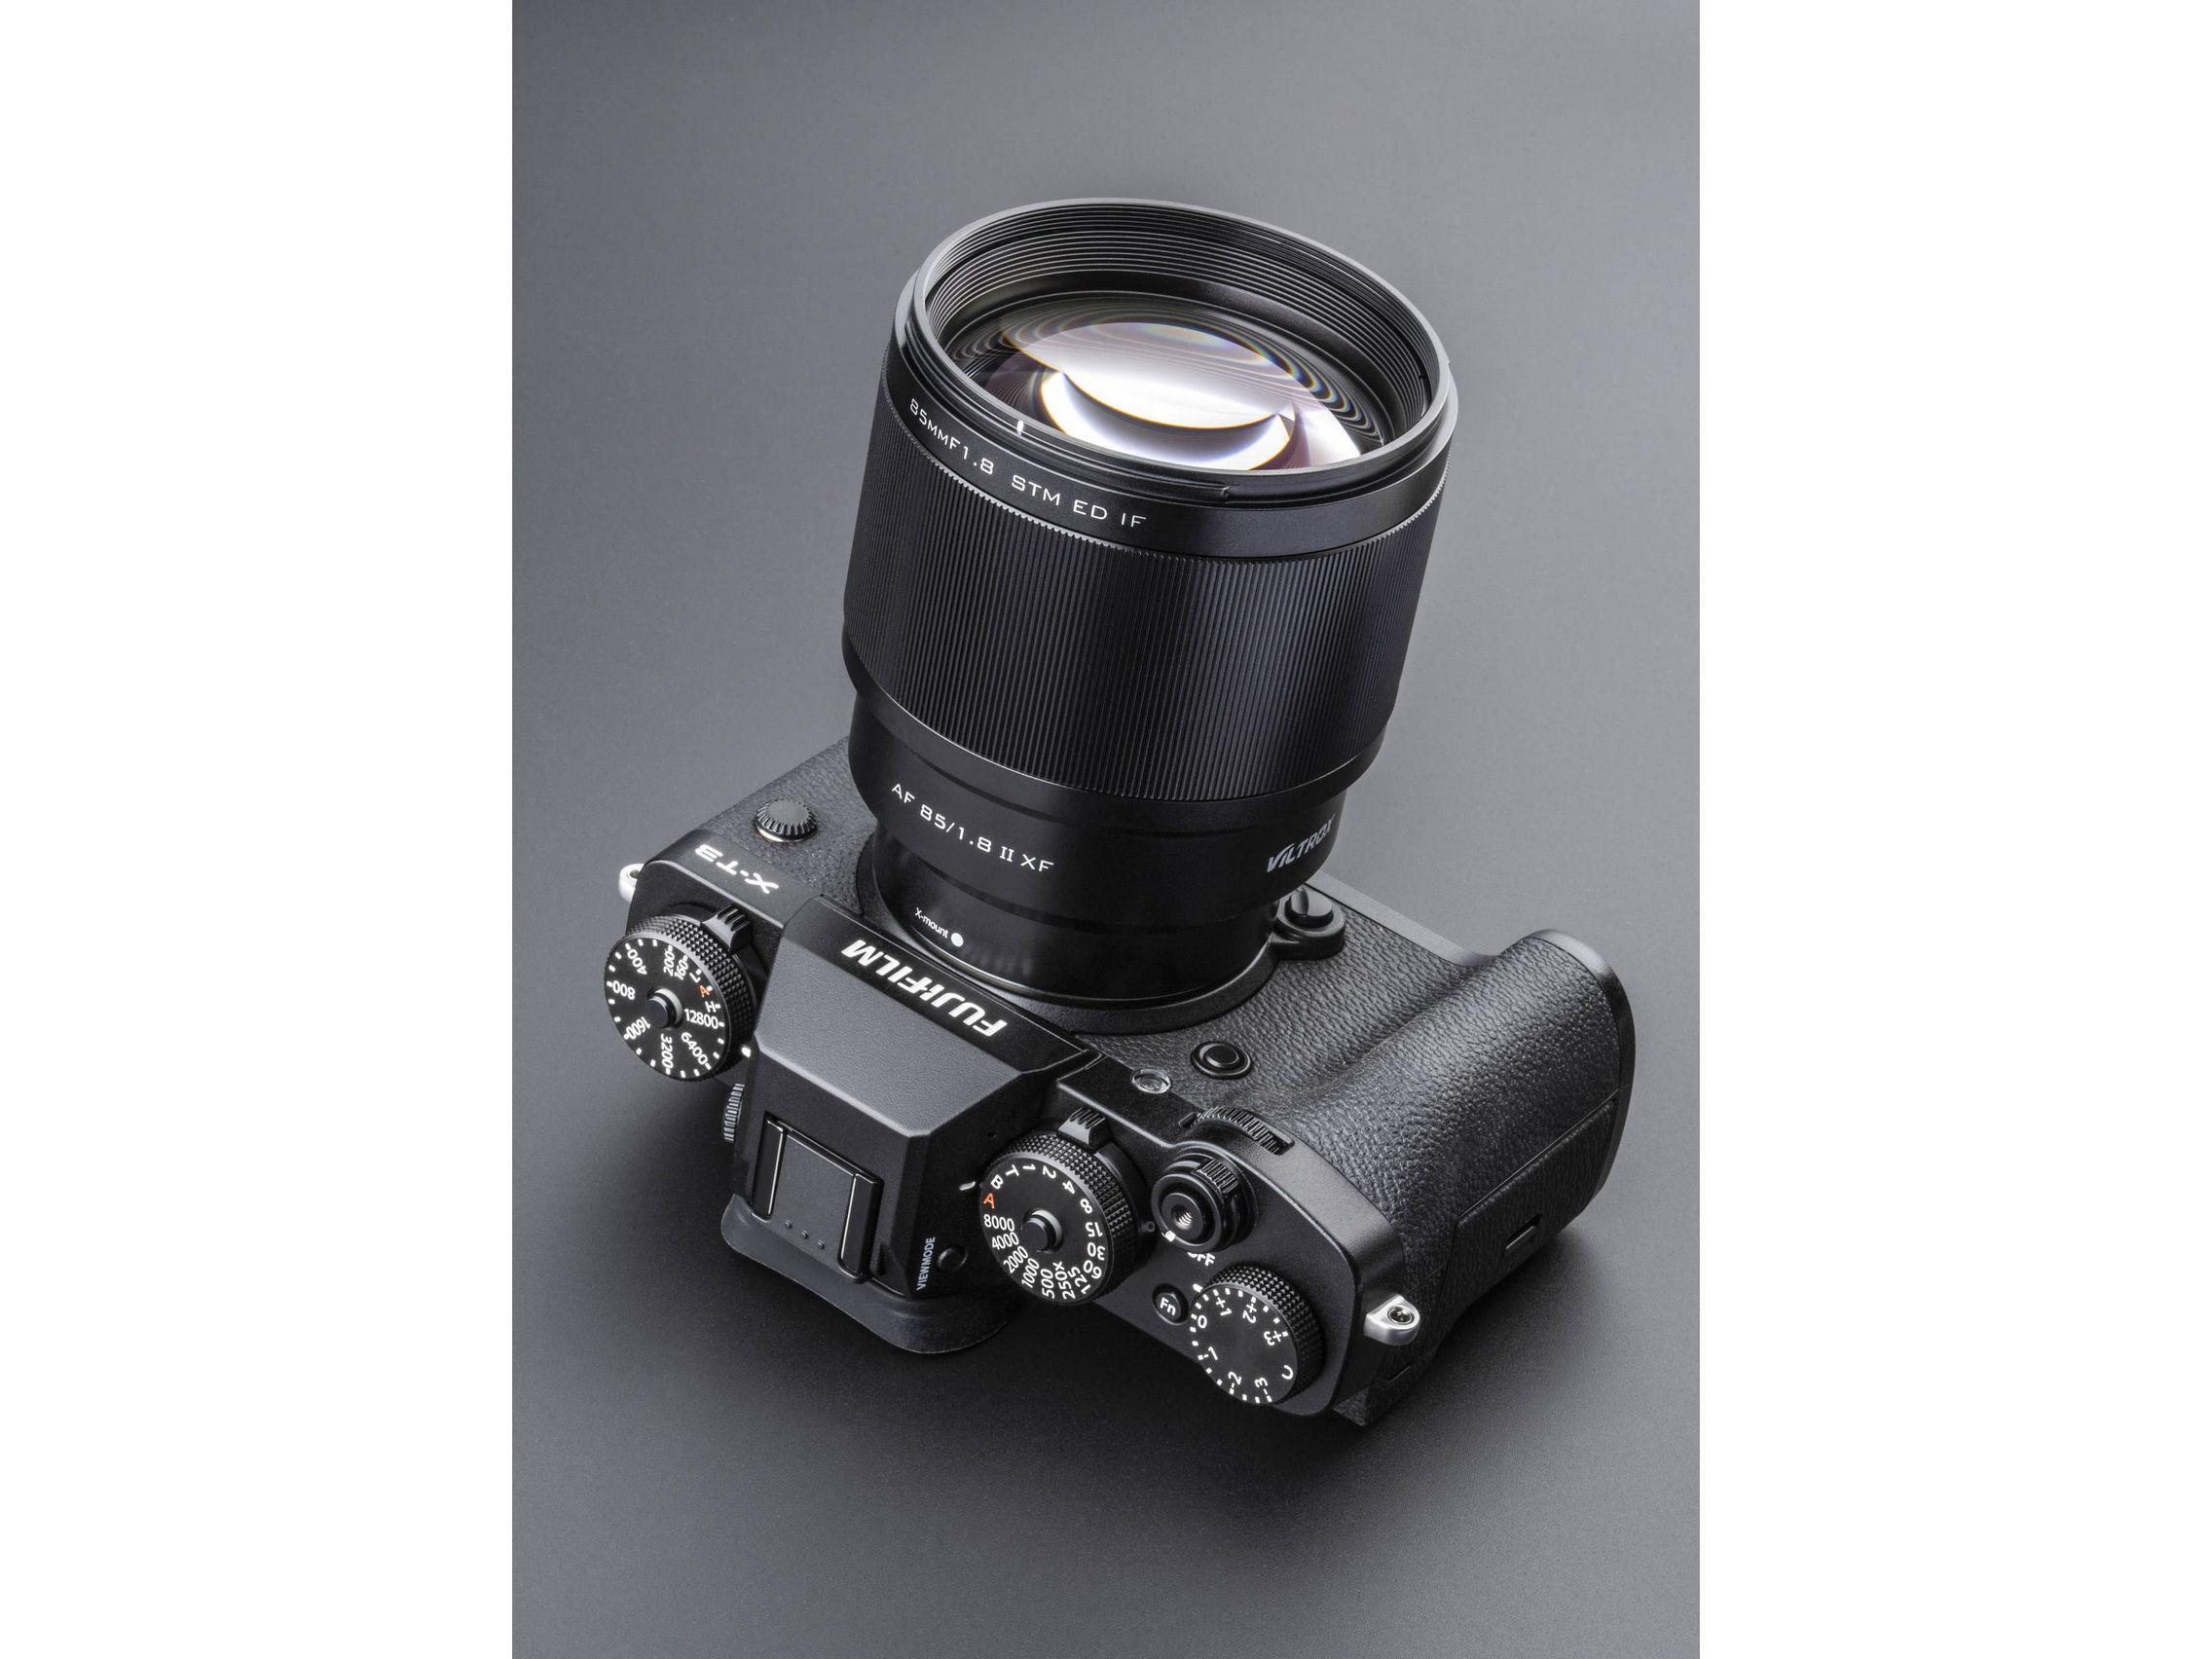 Объектив Viltrox AF 85mm F1.8 II XF STM ED IF (вторая версия, MK II) на камере Fujifilm X-T3